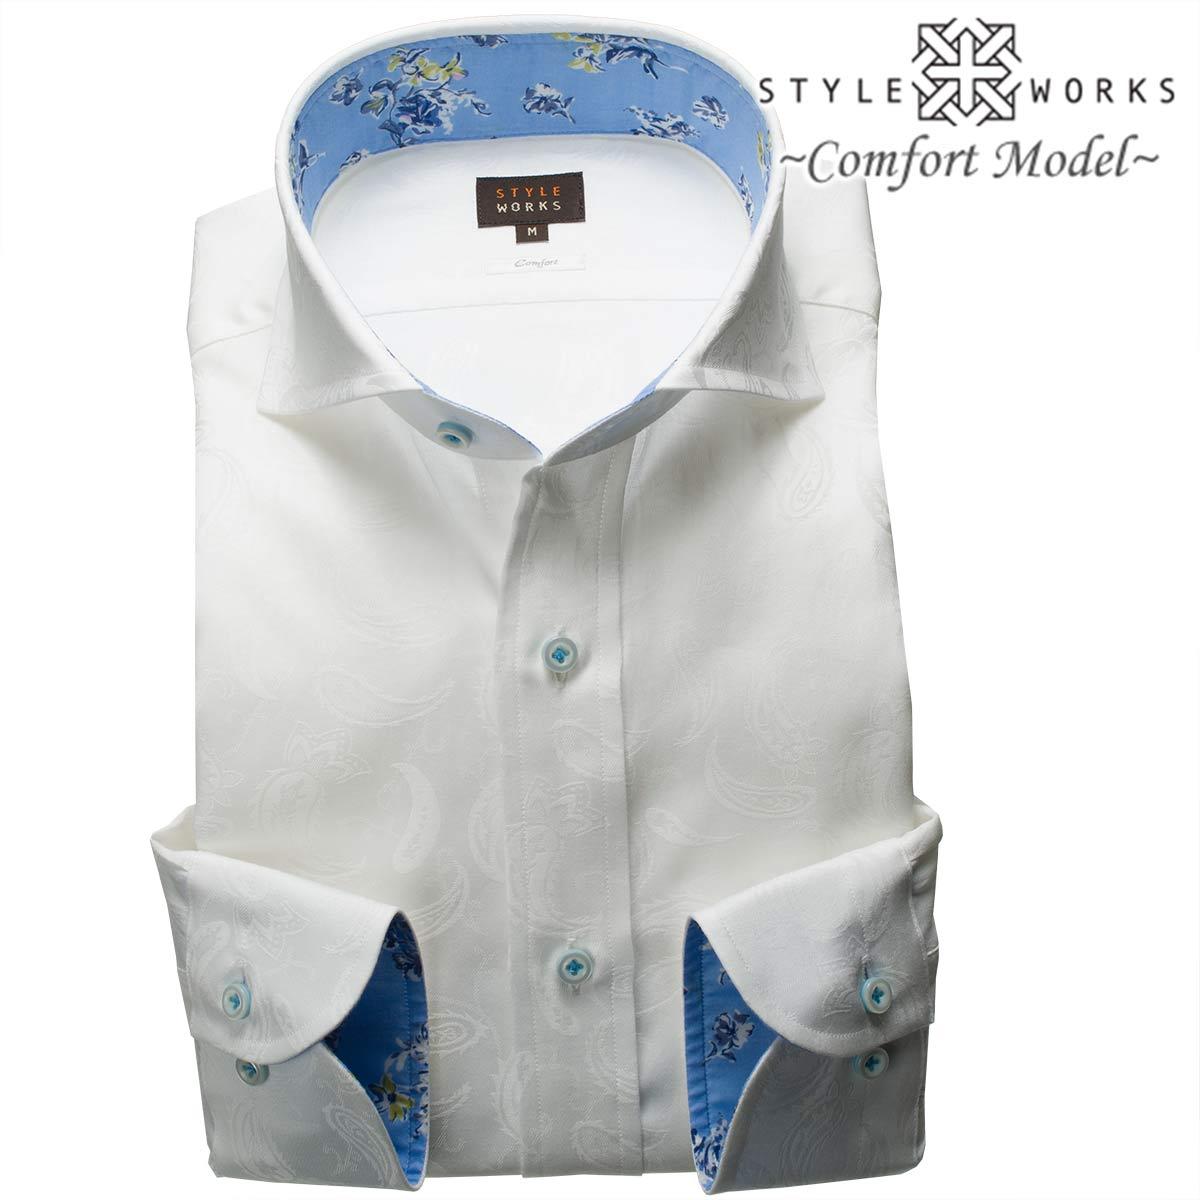 1805 国産コットンドレスシャツ 綿100 コンフォート ホワイトジャガード織総柄ペイズリー カッタウェイワイドカラーメンズ fs3gm